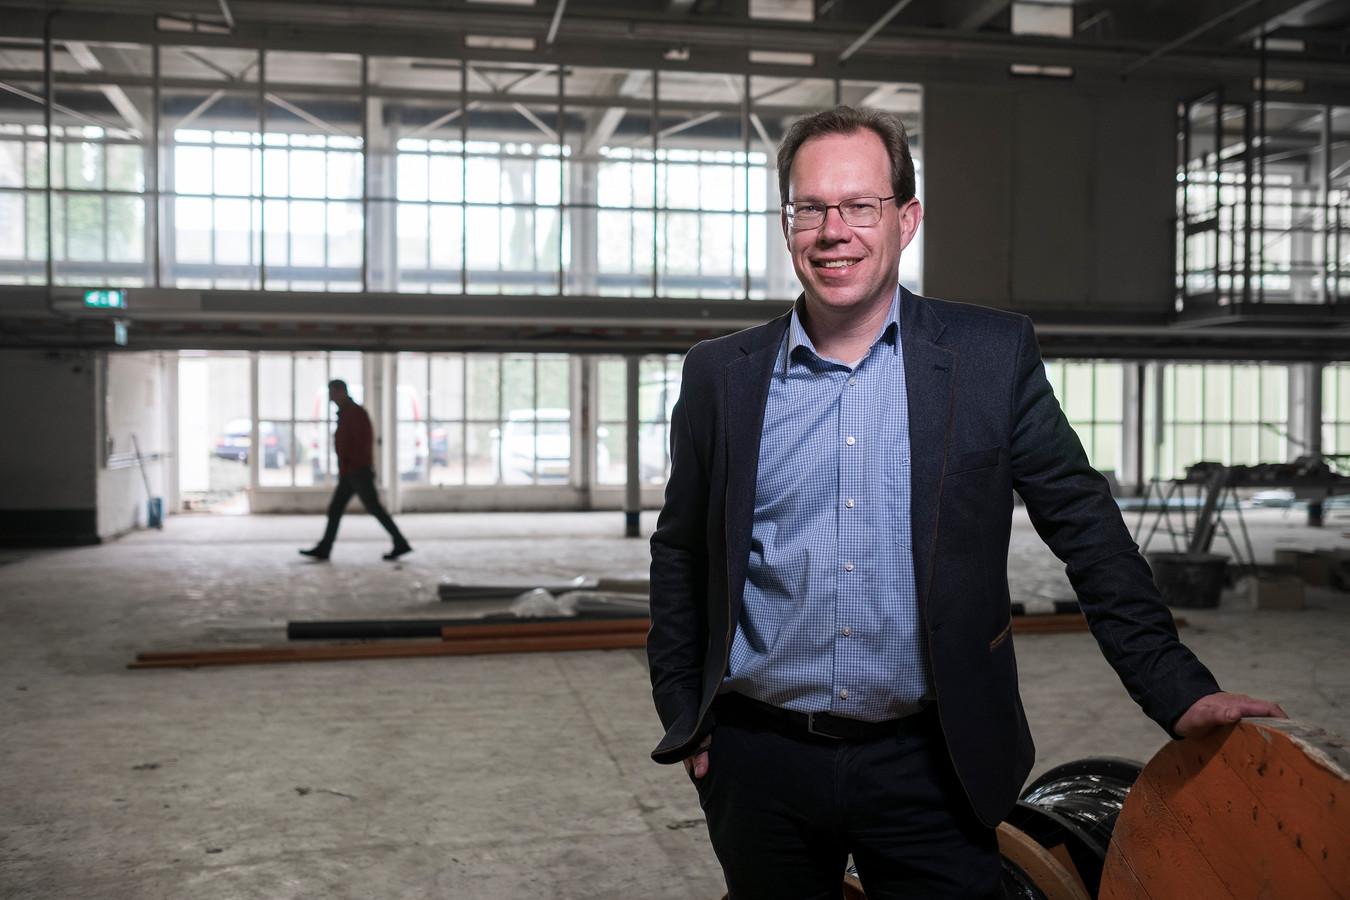 Bert Frölich, directeur van Kunstwerk!, in Hal12. De ruimte leent zich prima voor onder meer popconcerten en conferenties, vindt Frölich. Foto: Jan van den Brink